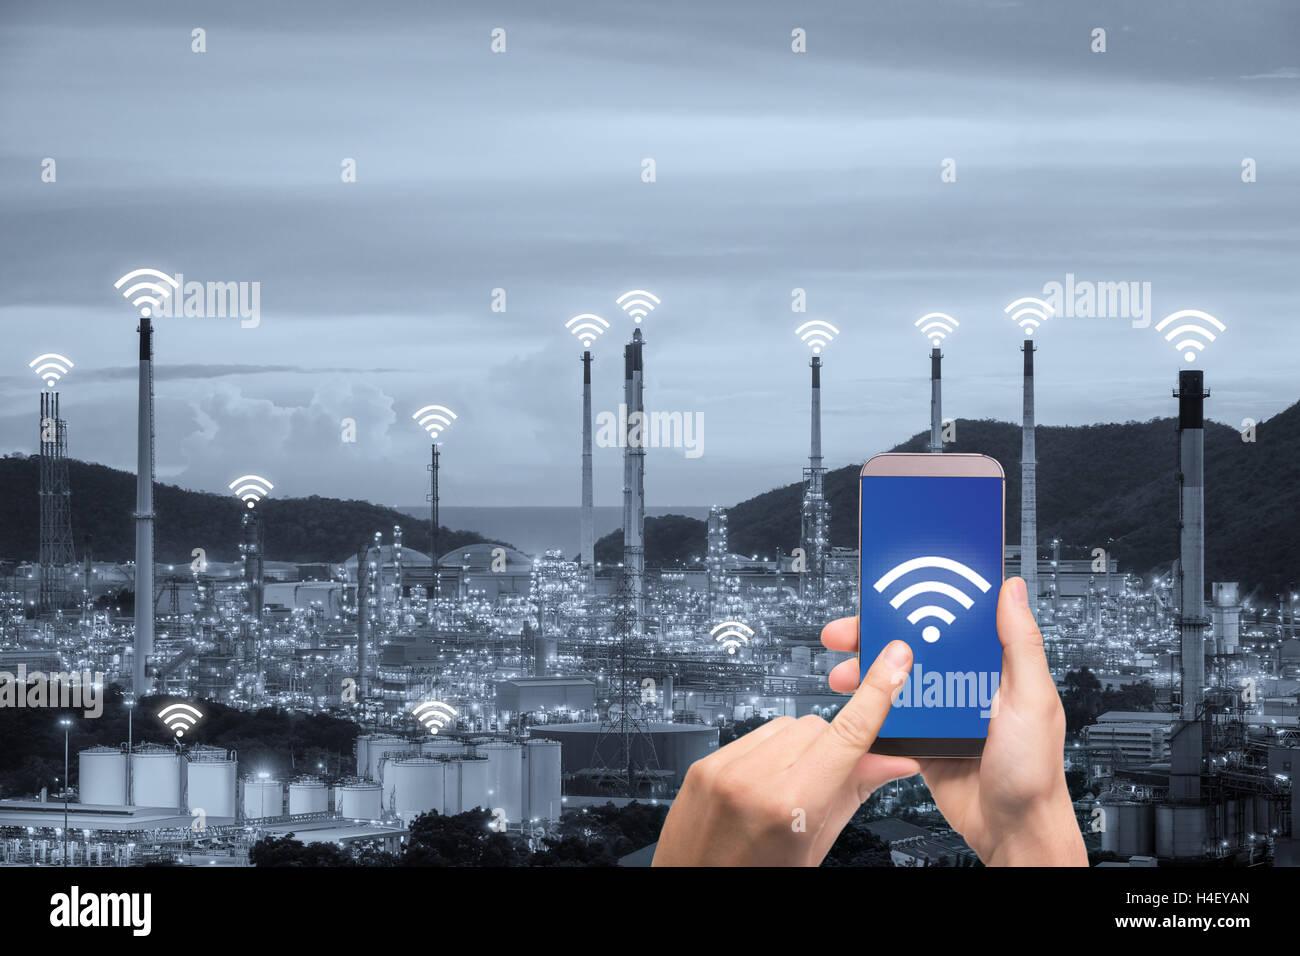 Hand holding smartphone réseau de communication sans fil de commande smart factory et Internet des objets. Photo Stock